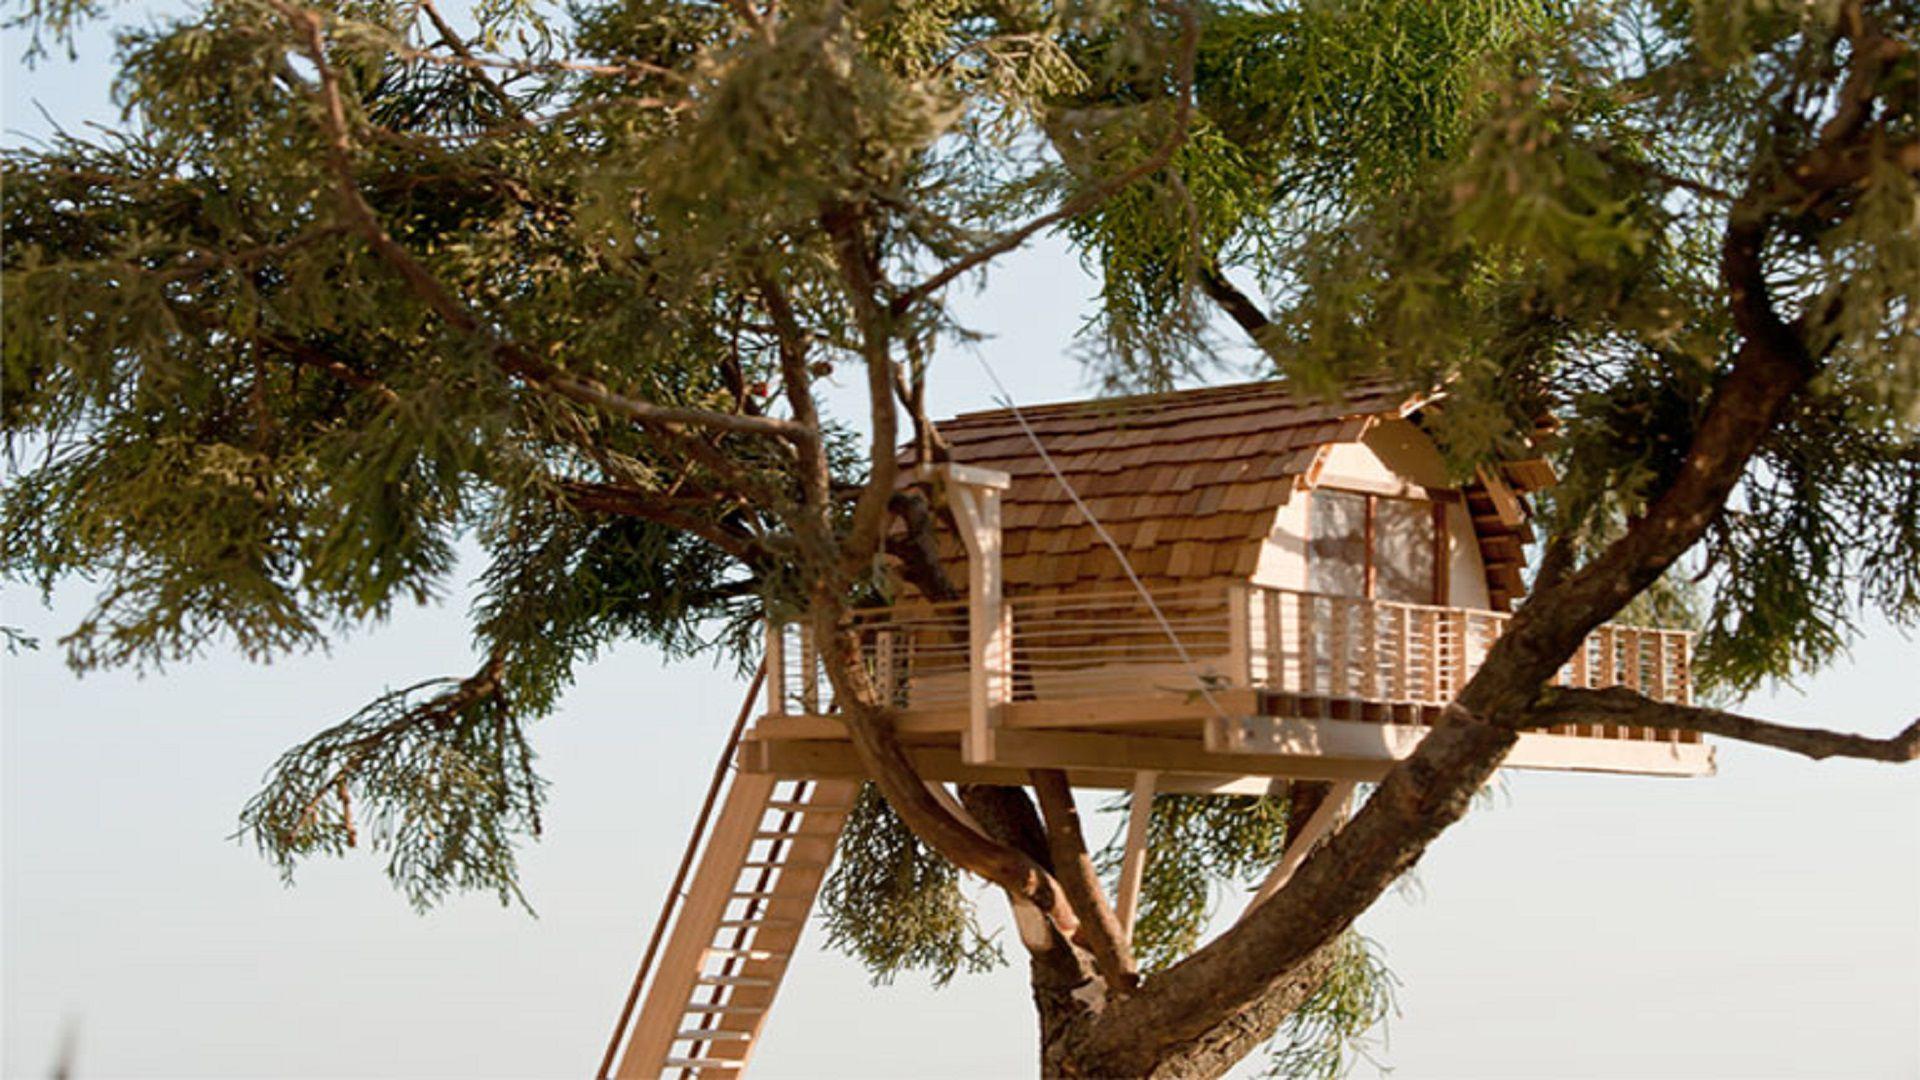 stupenda-casa-sull-albero